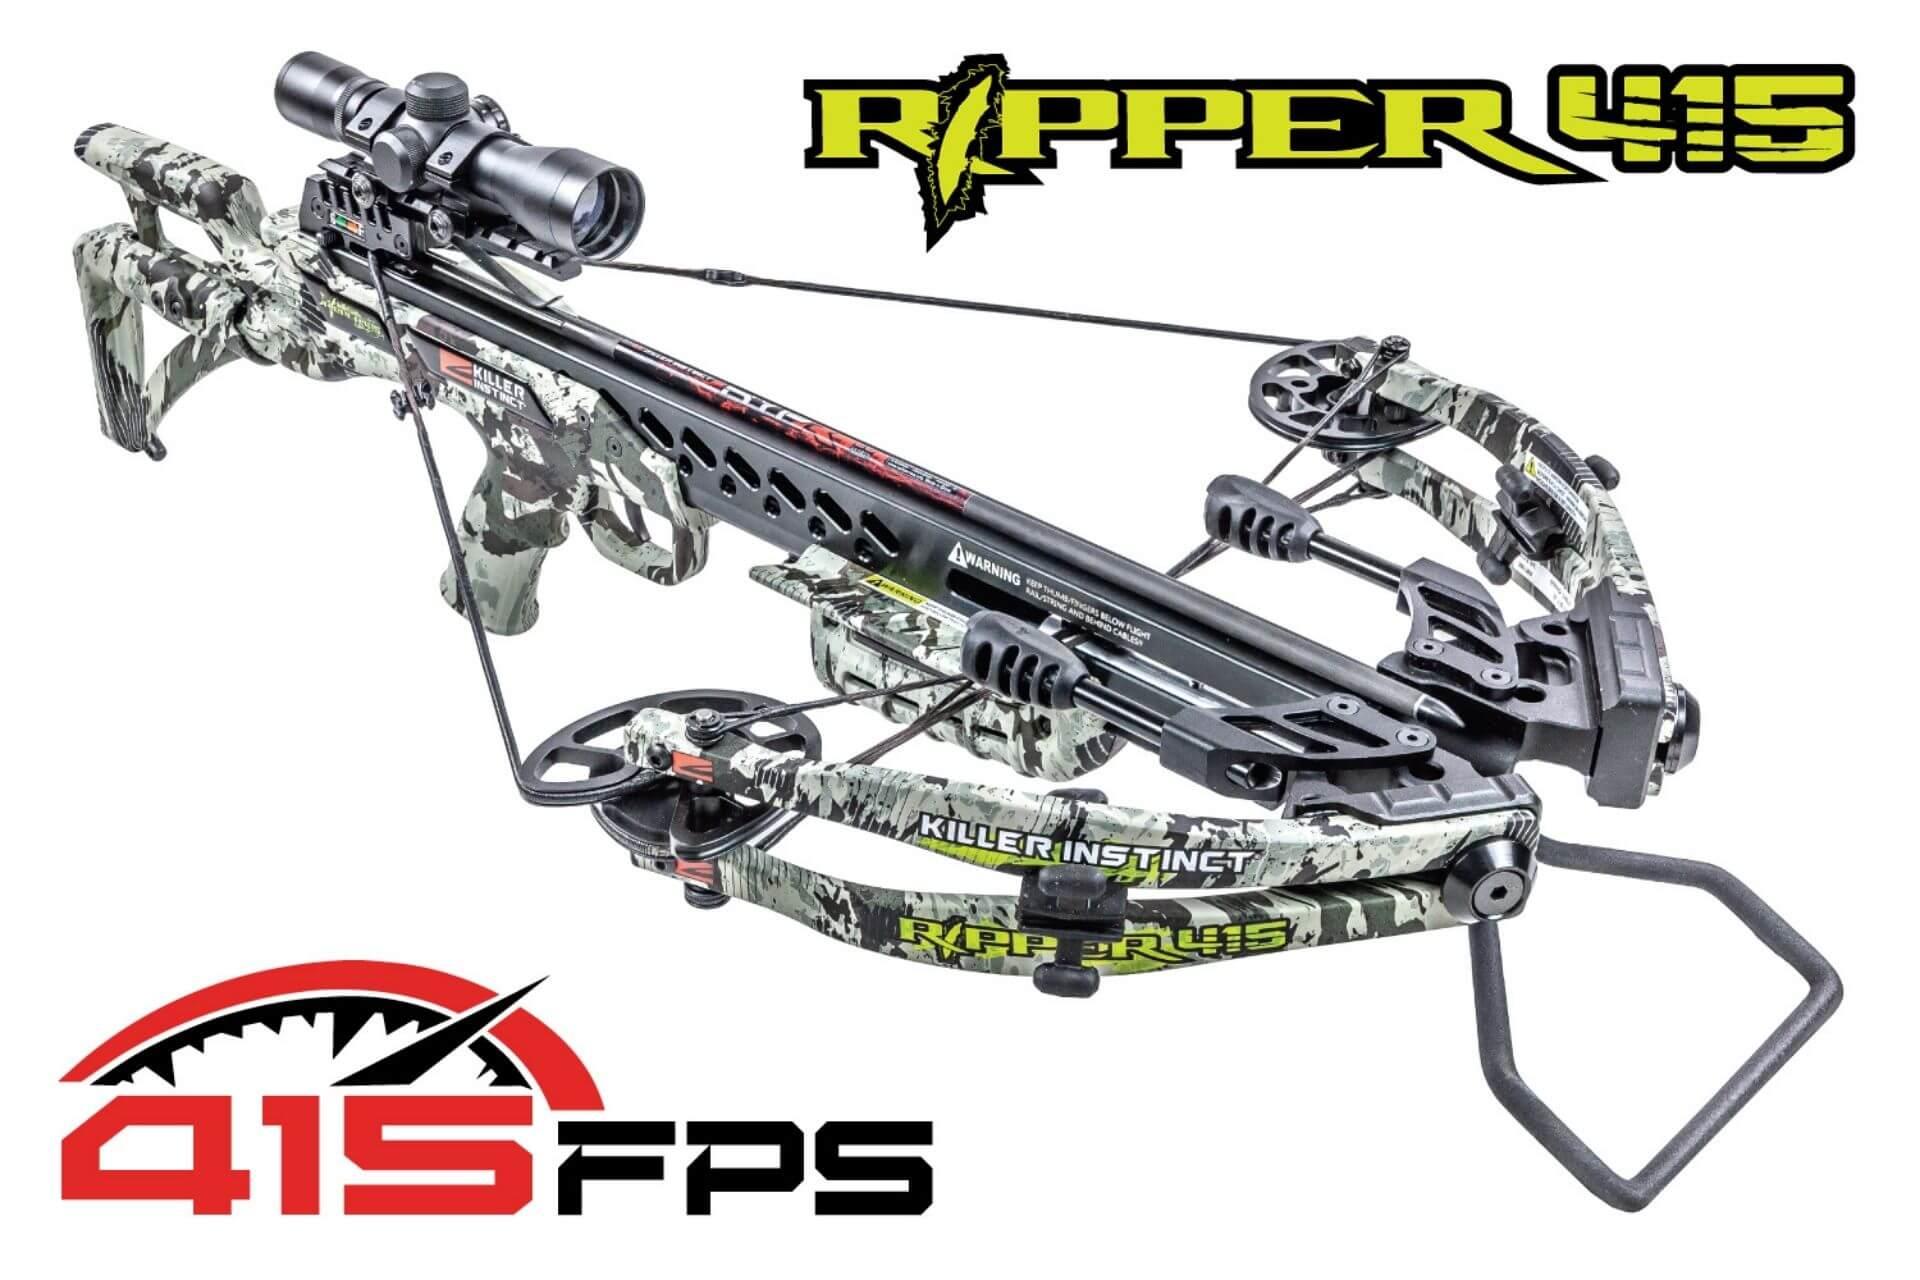 Killer Instinct Ripper 415 Crossbow Review